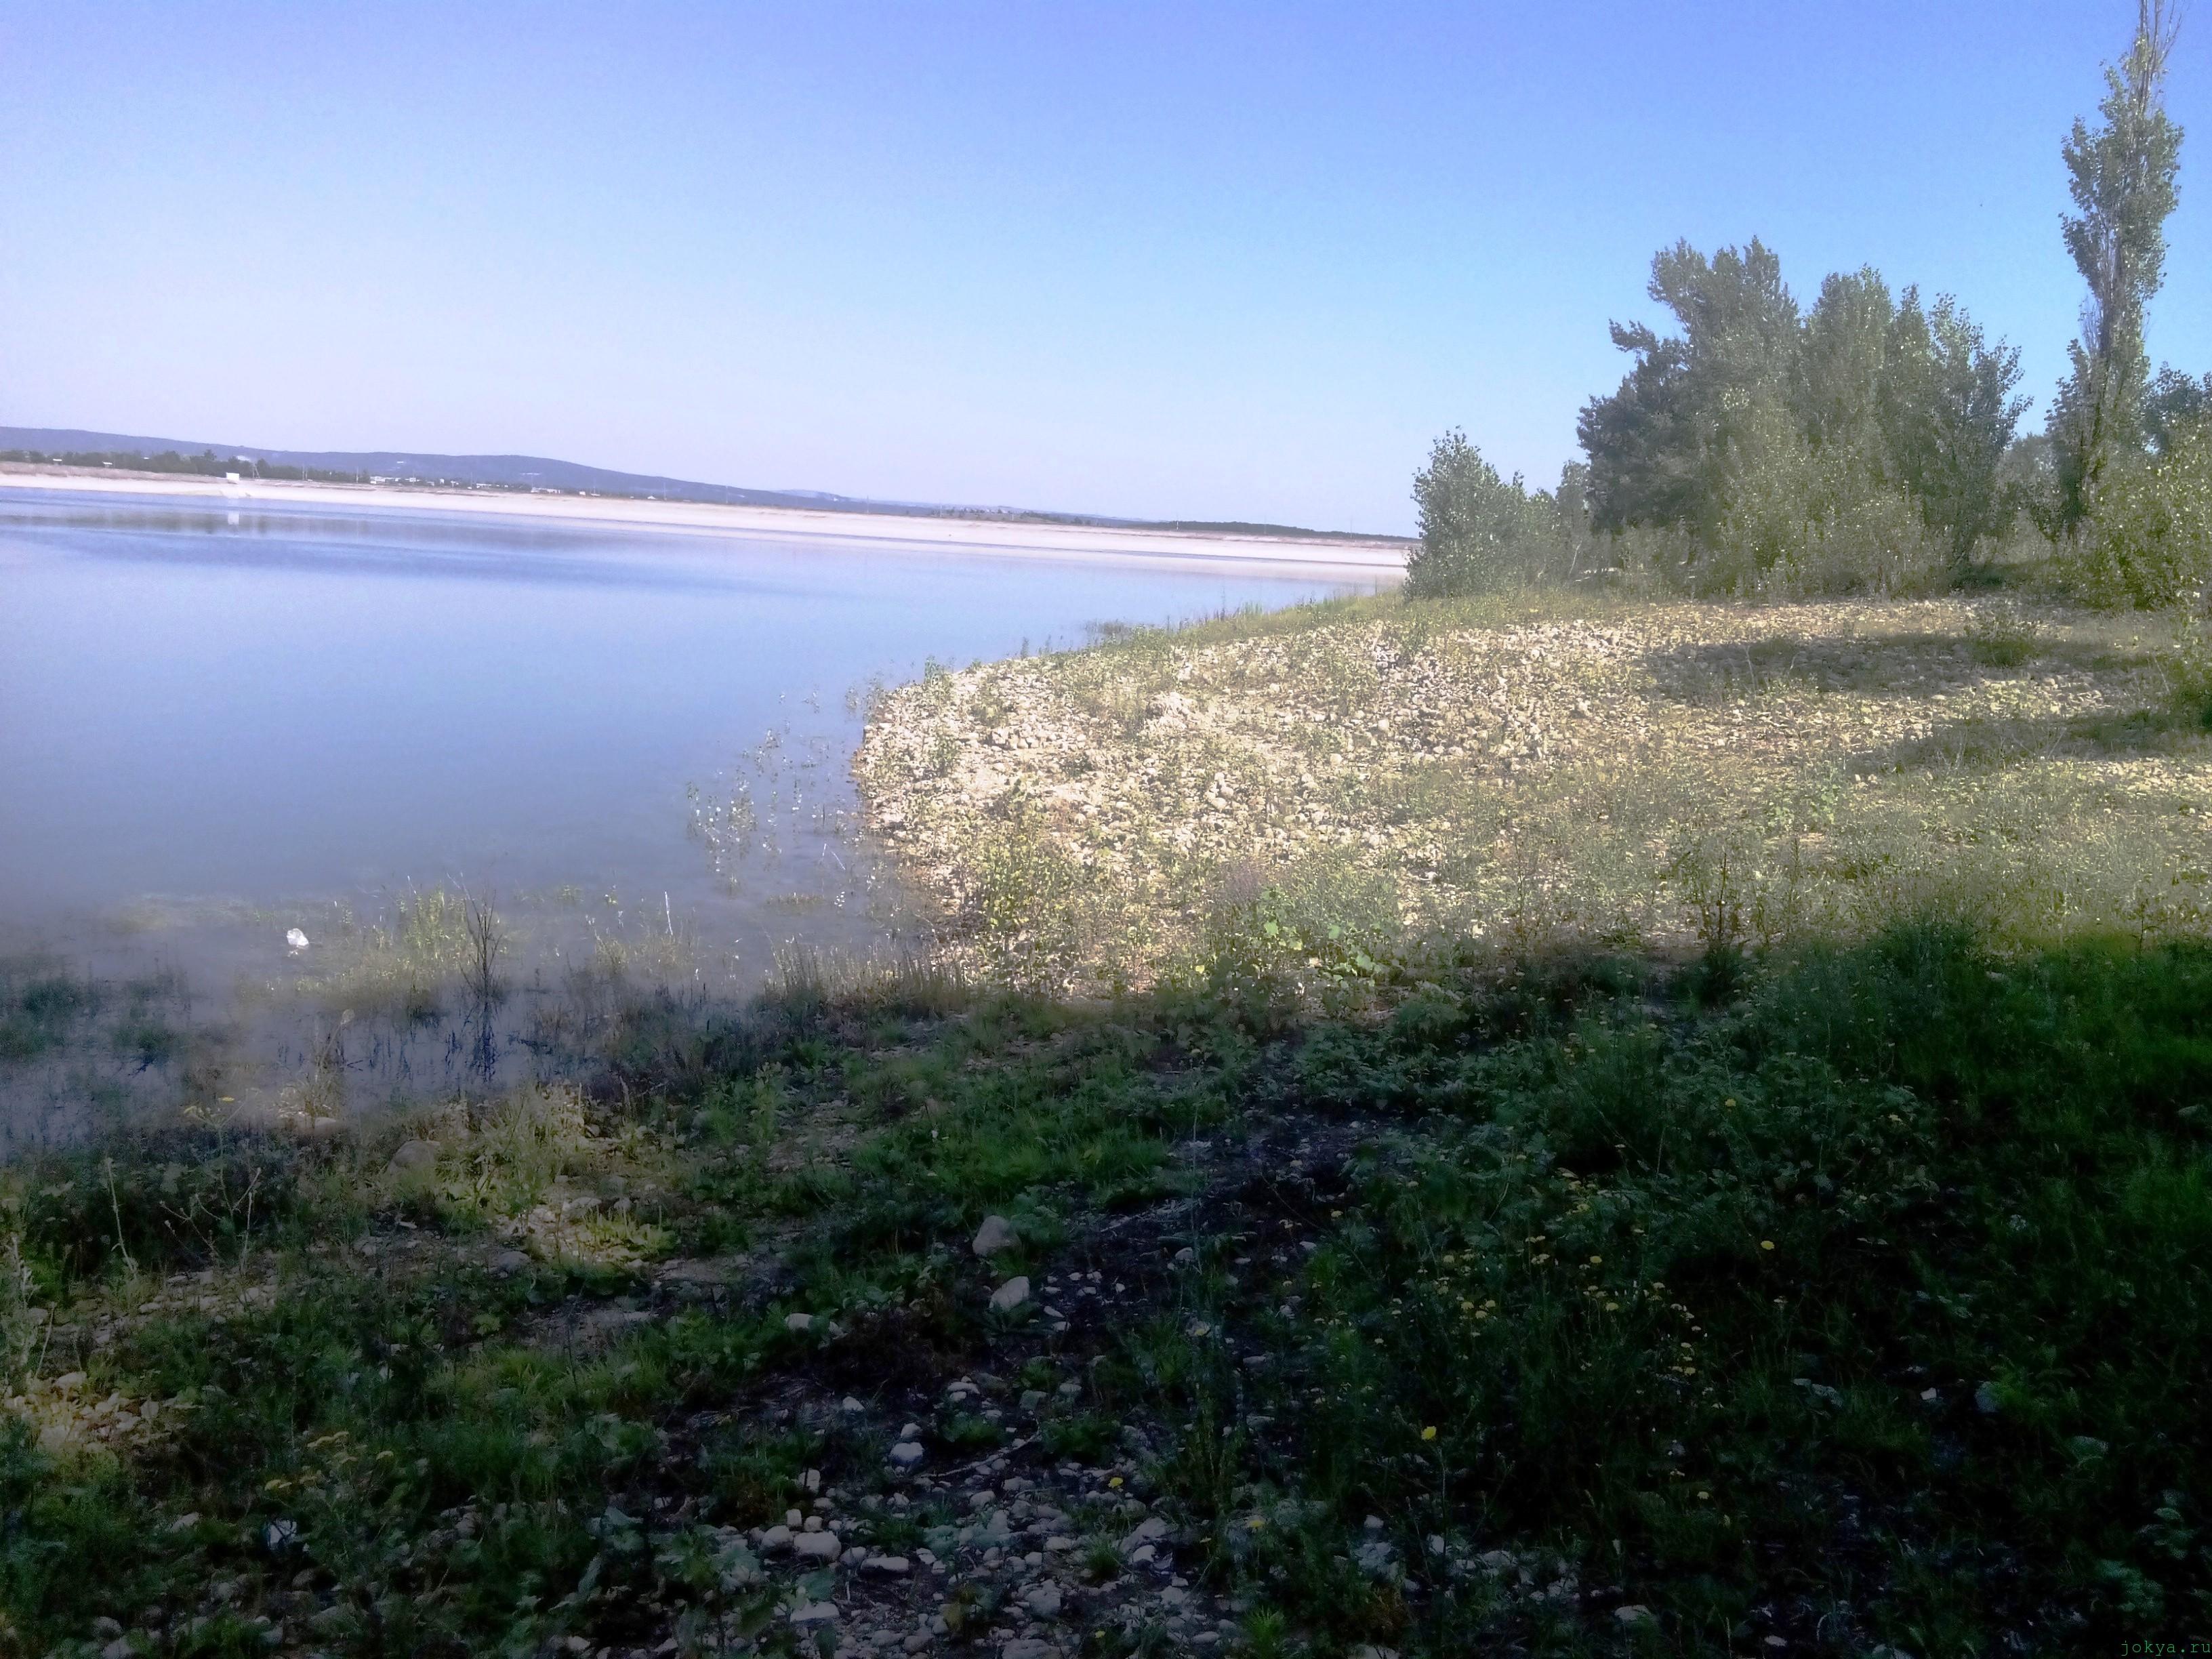 Белогорское водохранилище: набережная водоема Крыма фото заметка о Крыме jokya.ru